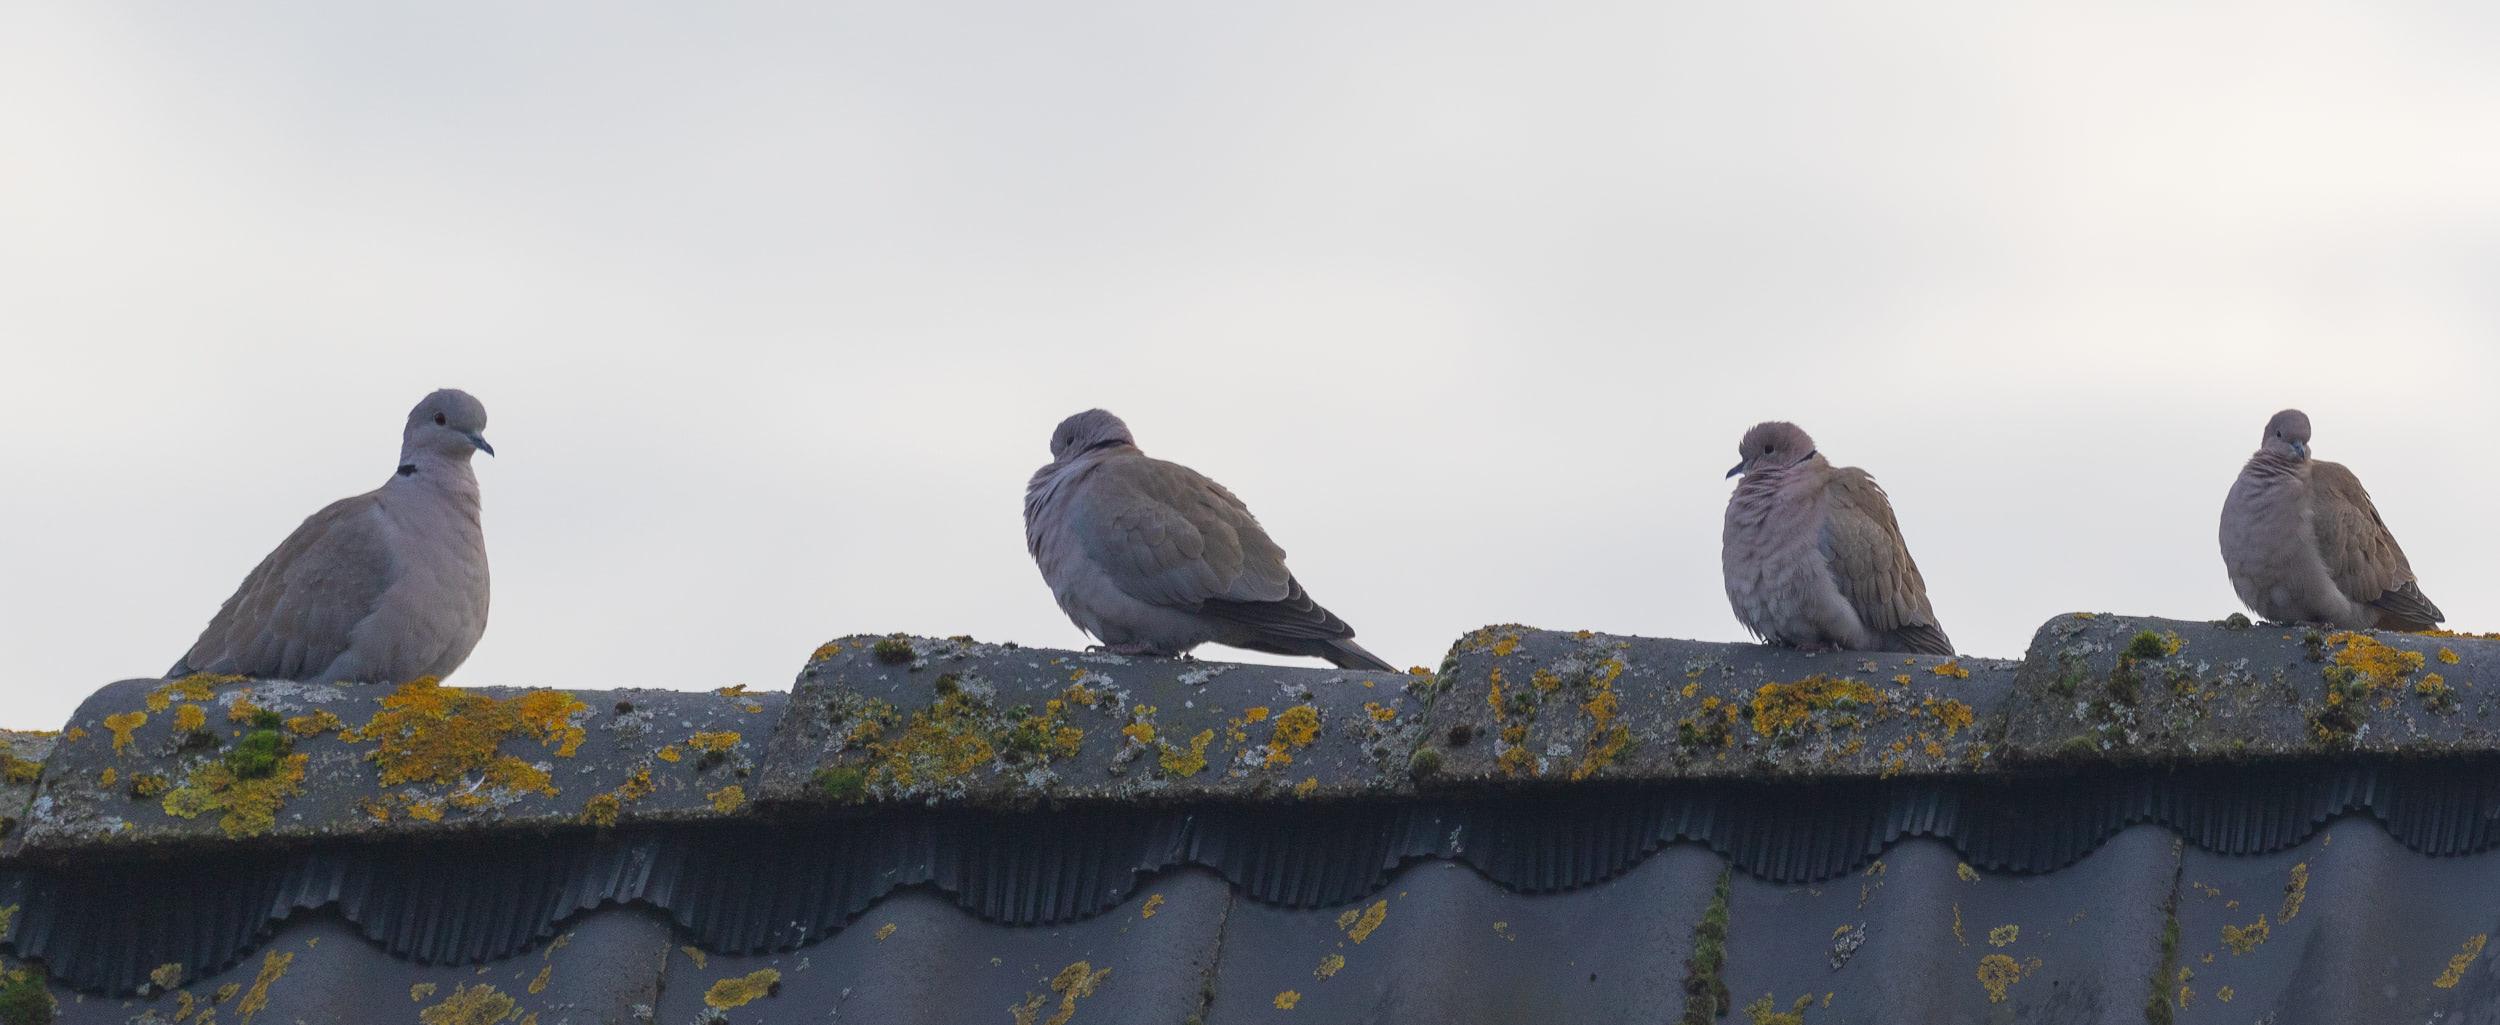 Eurasian Collared Doves.